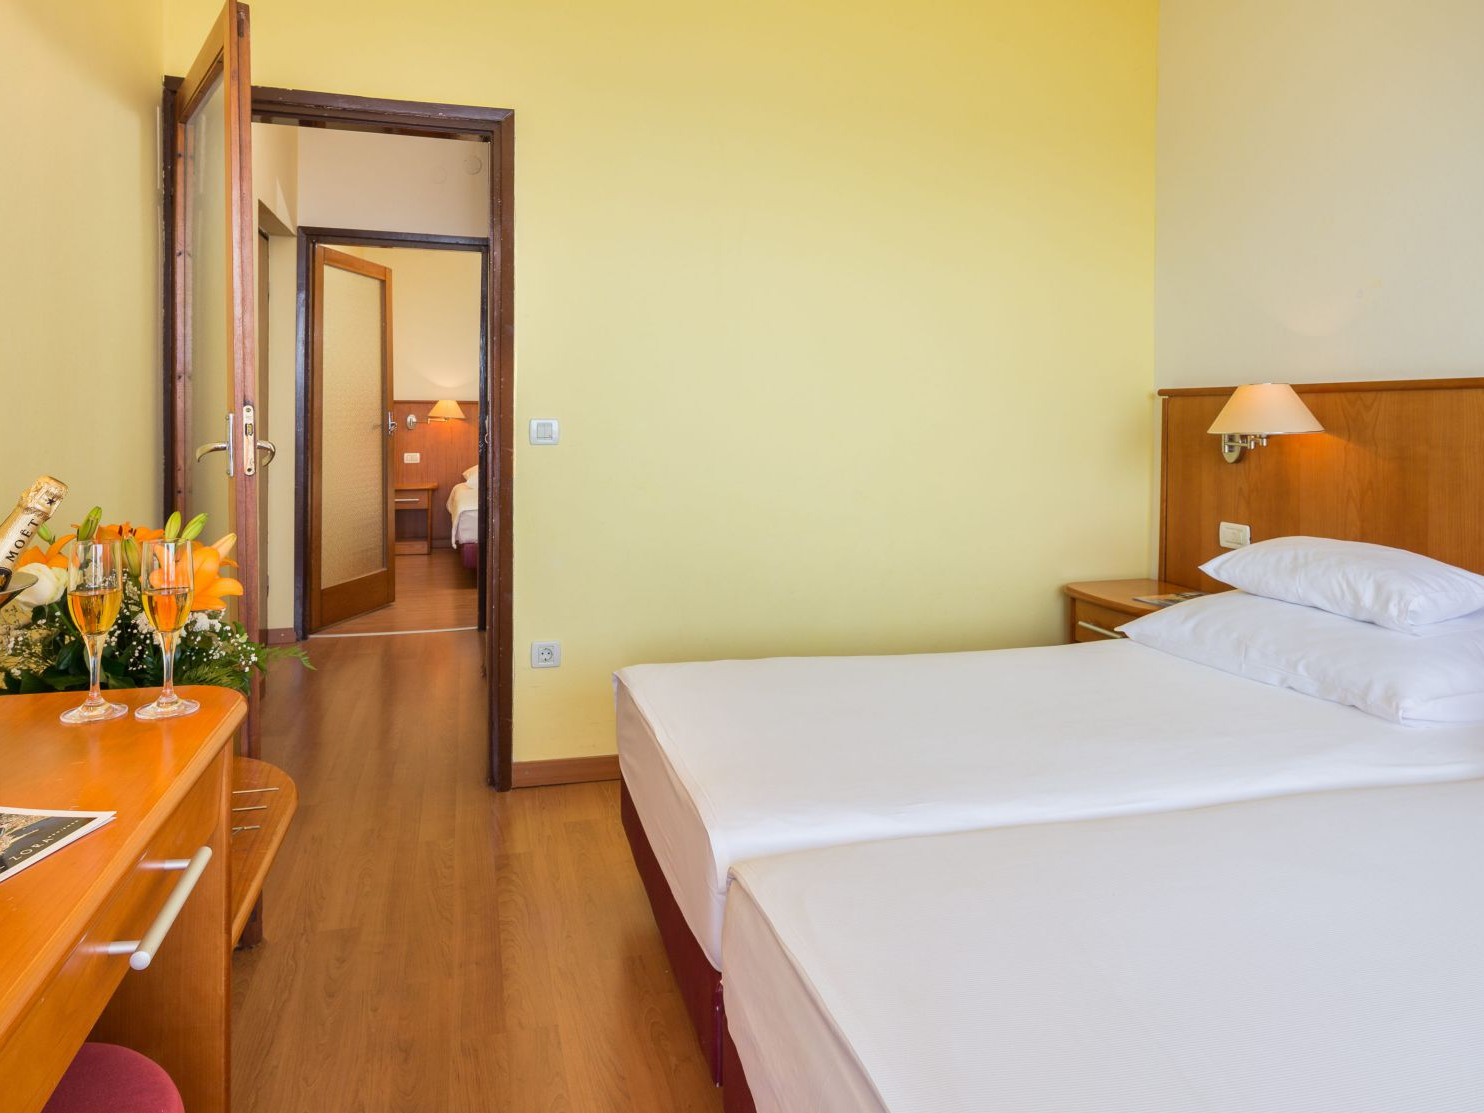 comfort family room 04 14825404595 o uai - Zora Hotel